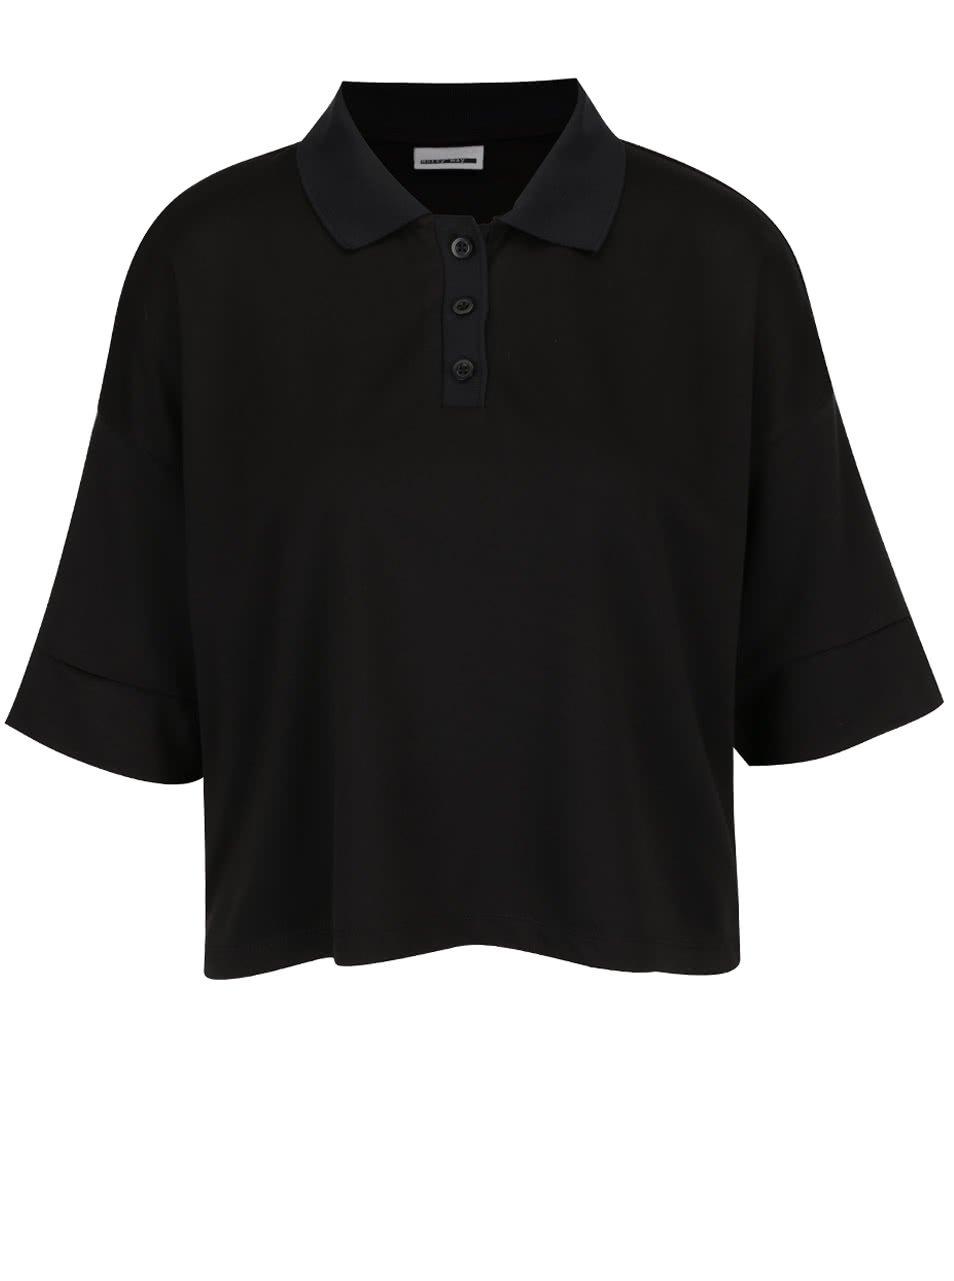 Černé oversize krátké polo tričko Noisy May Rain